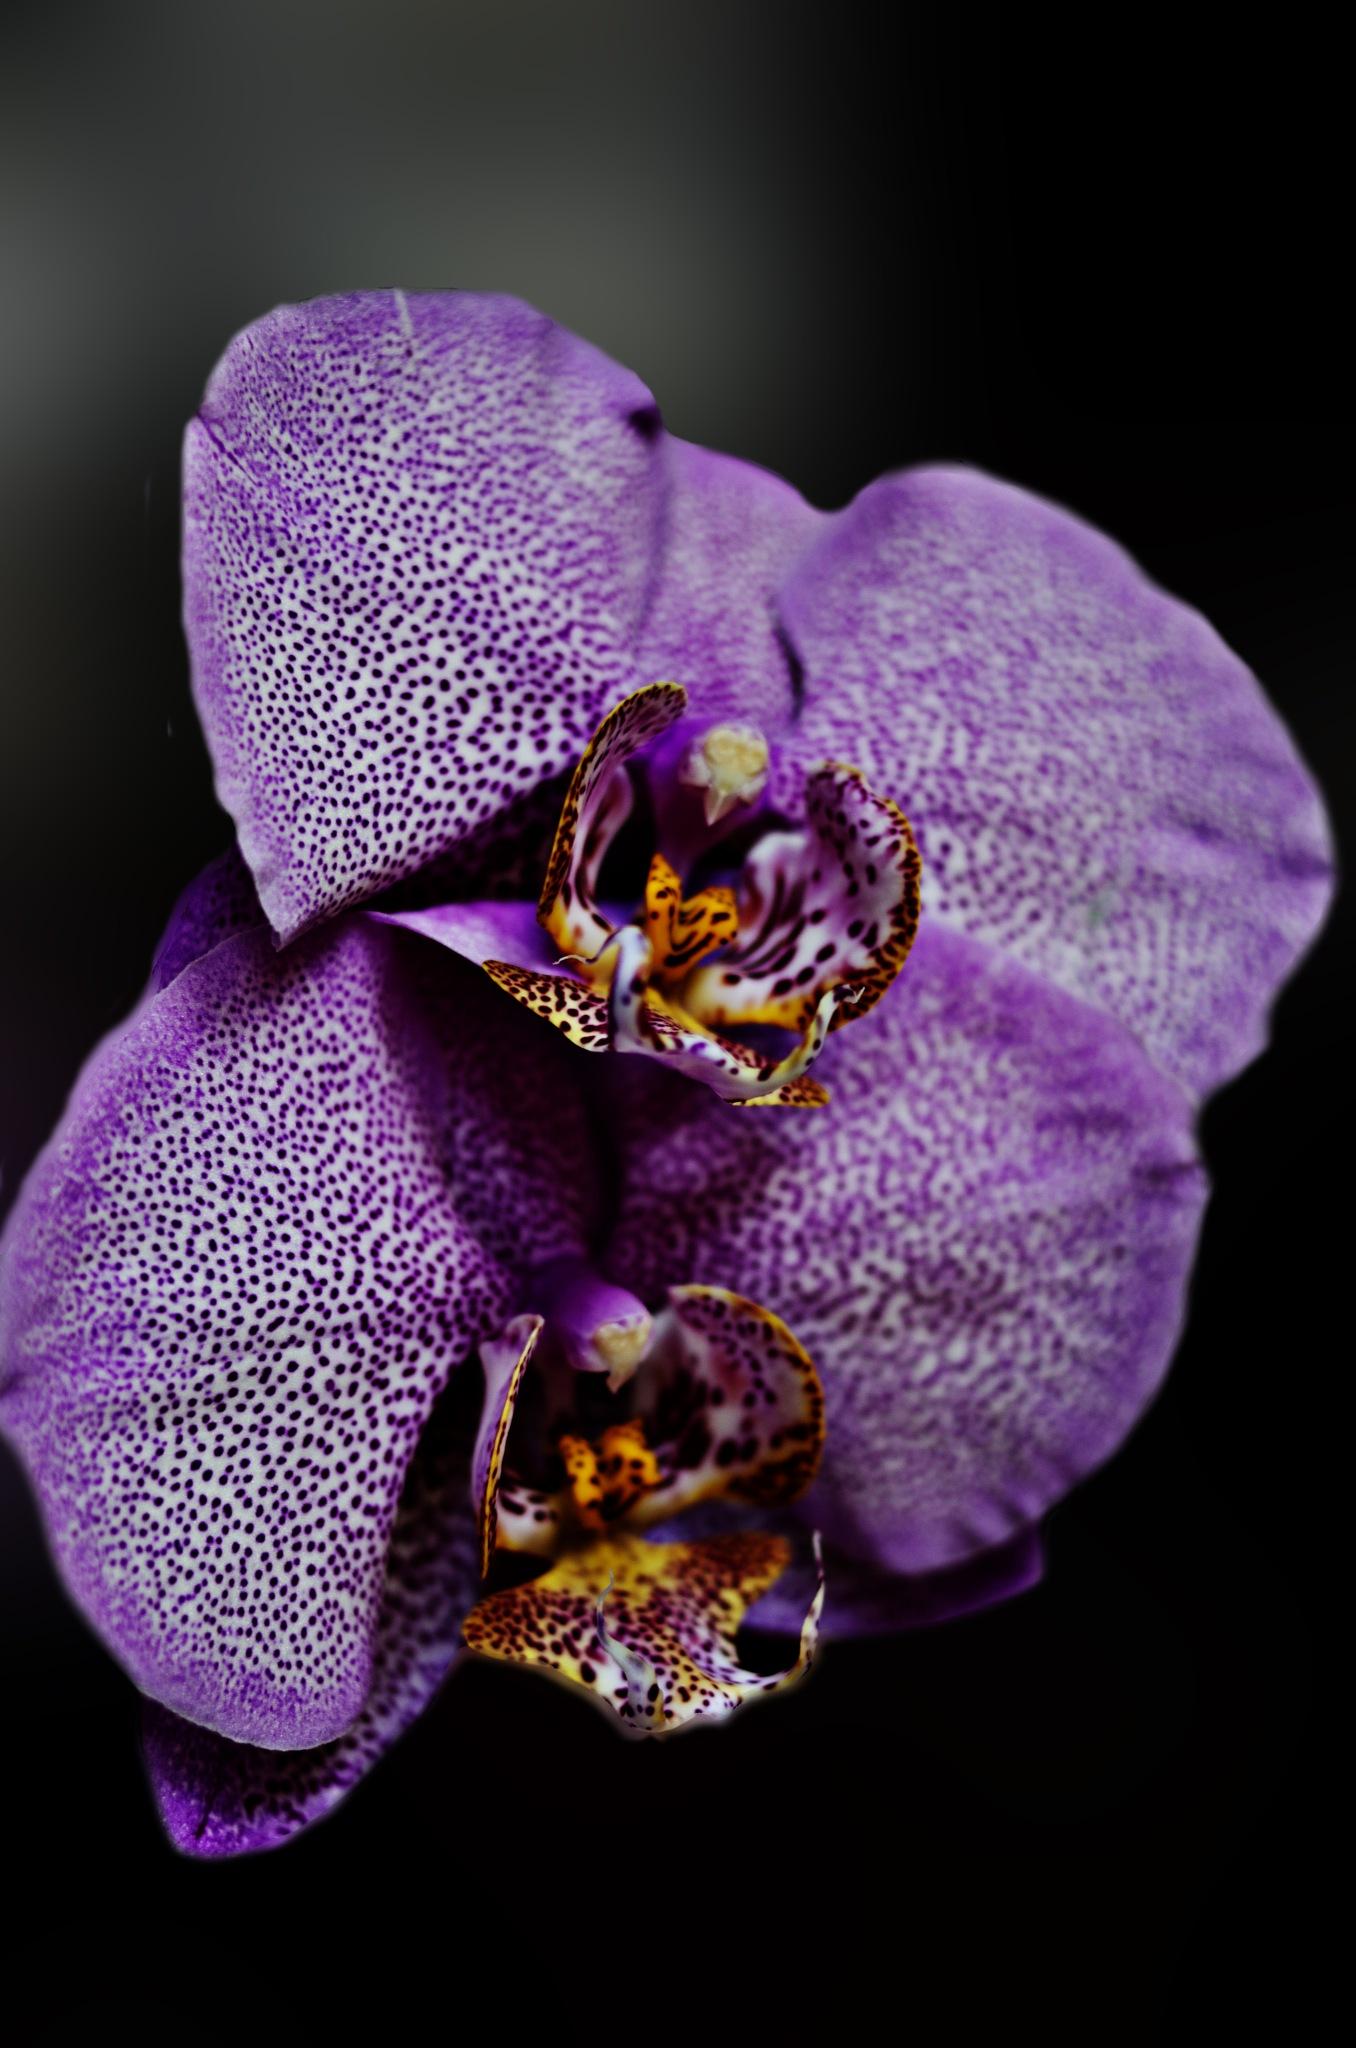 Orchidea by Claudio Losa